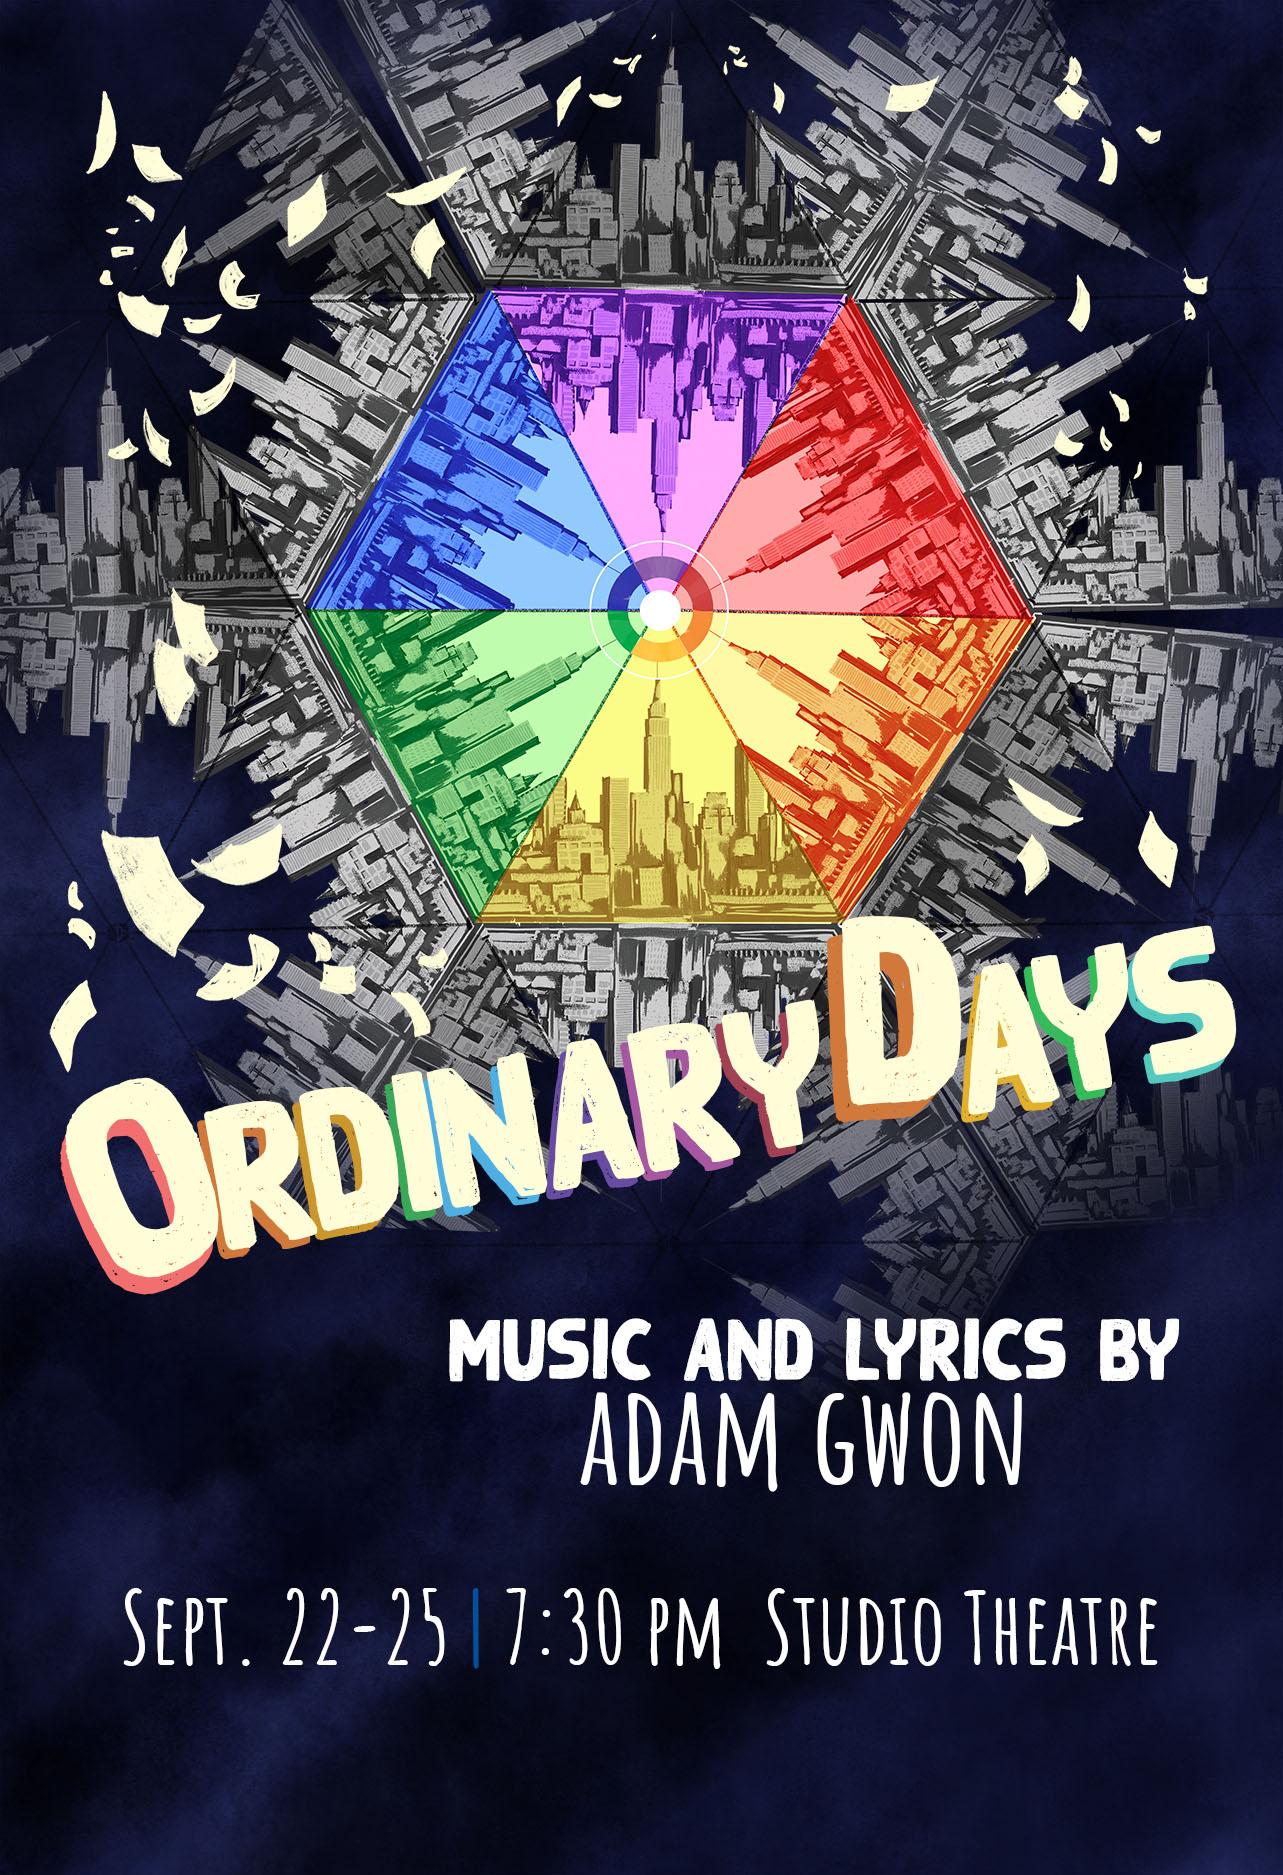 ordinarydays